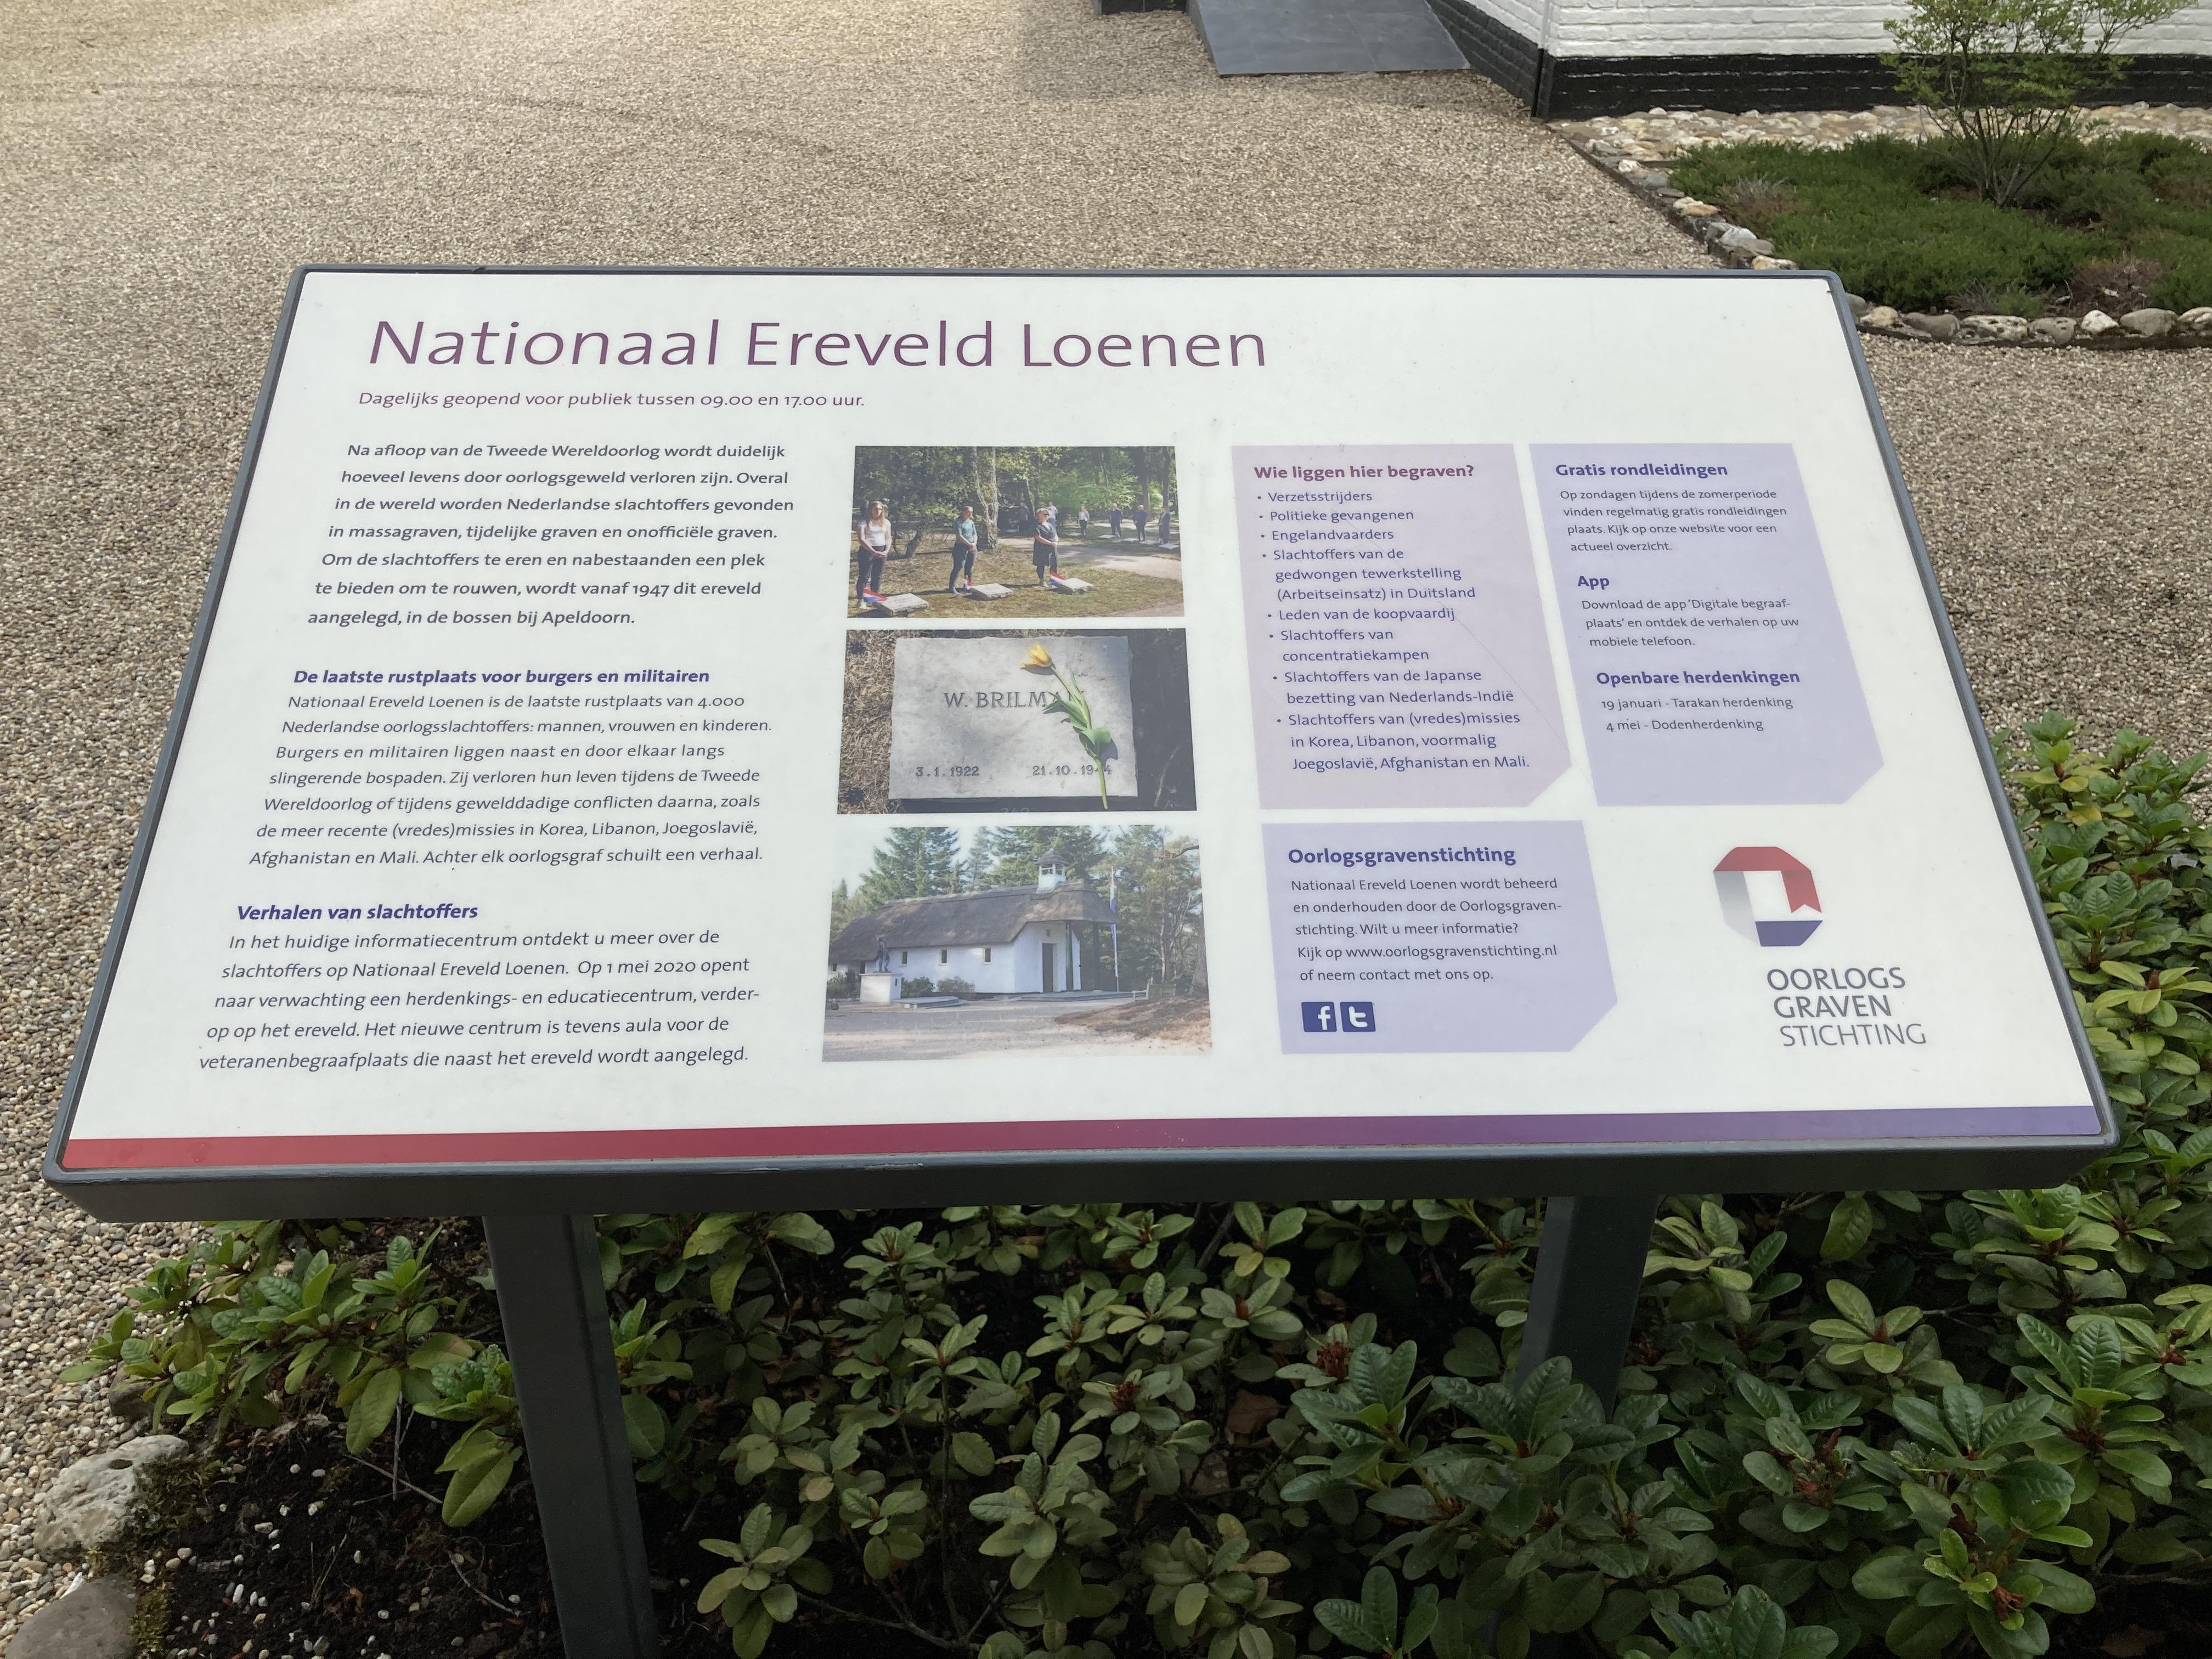 http://www.peterenemmy.nl/Foto%20Nederland/2020%20Loenen%20Ereveld/IMG_0074